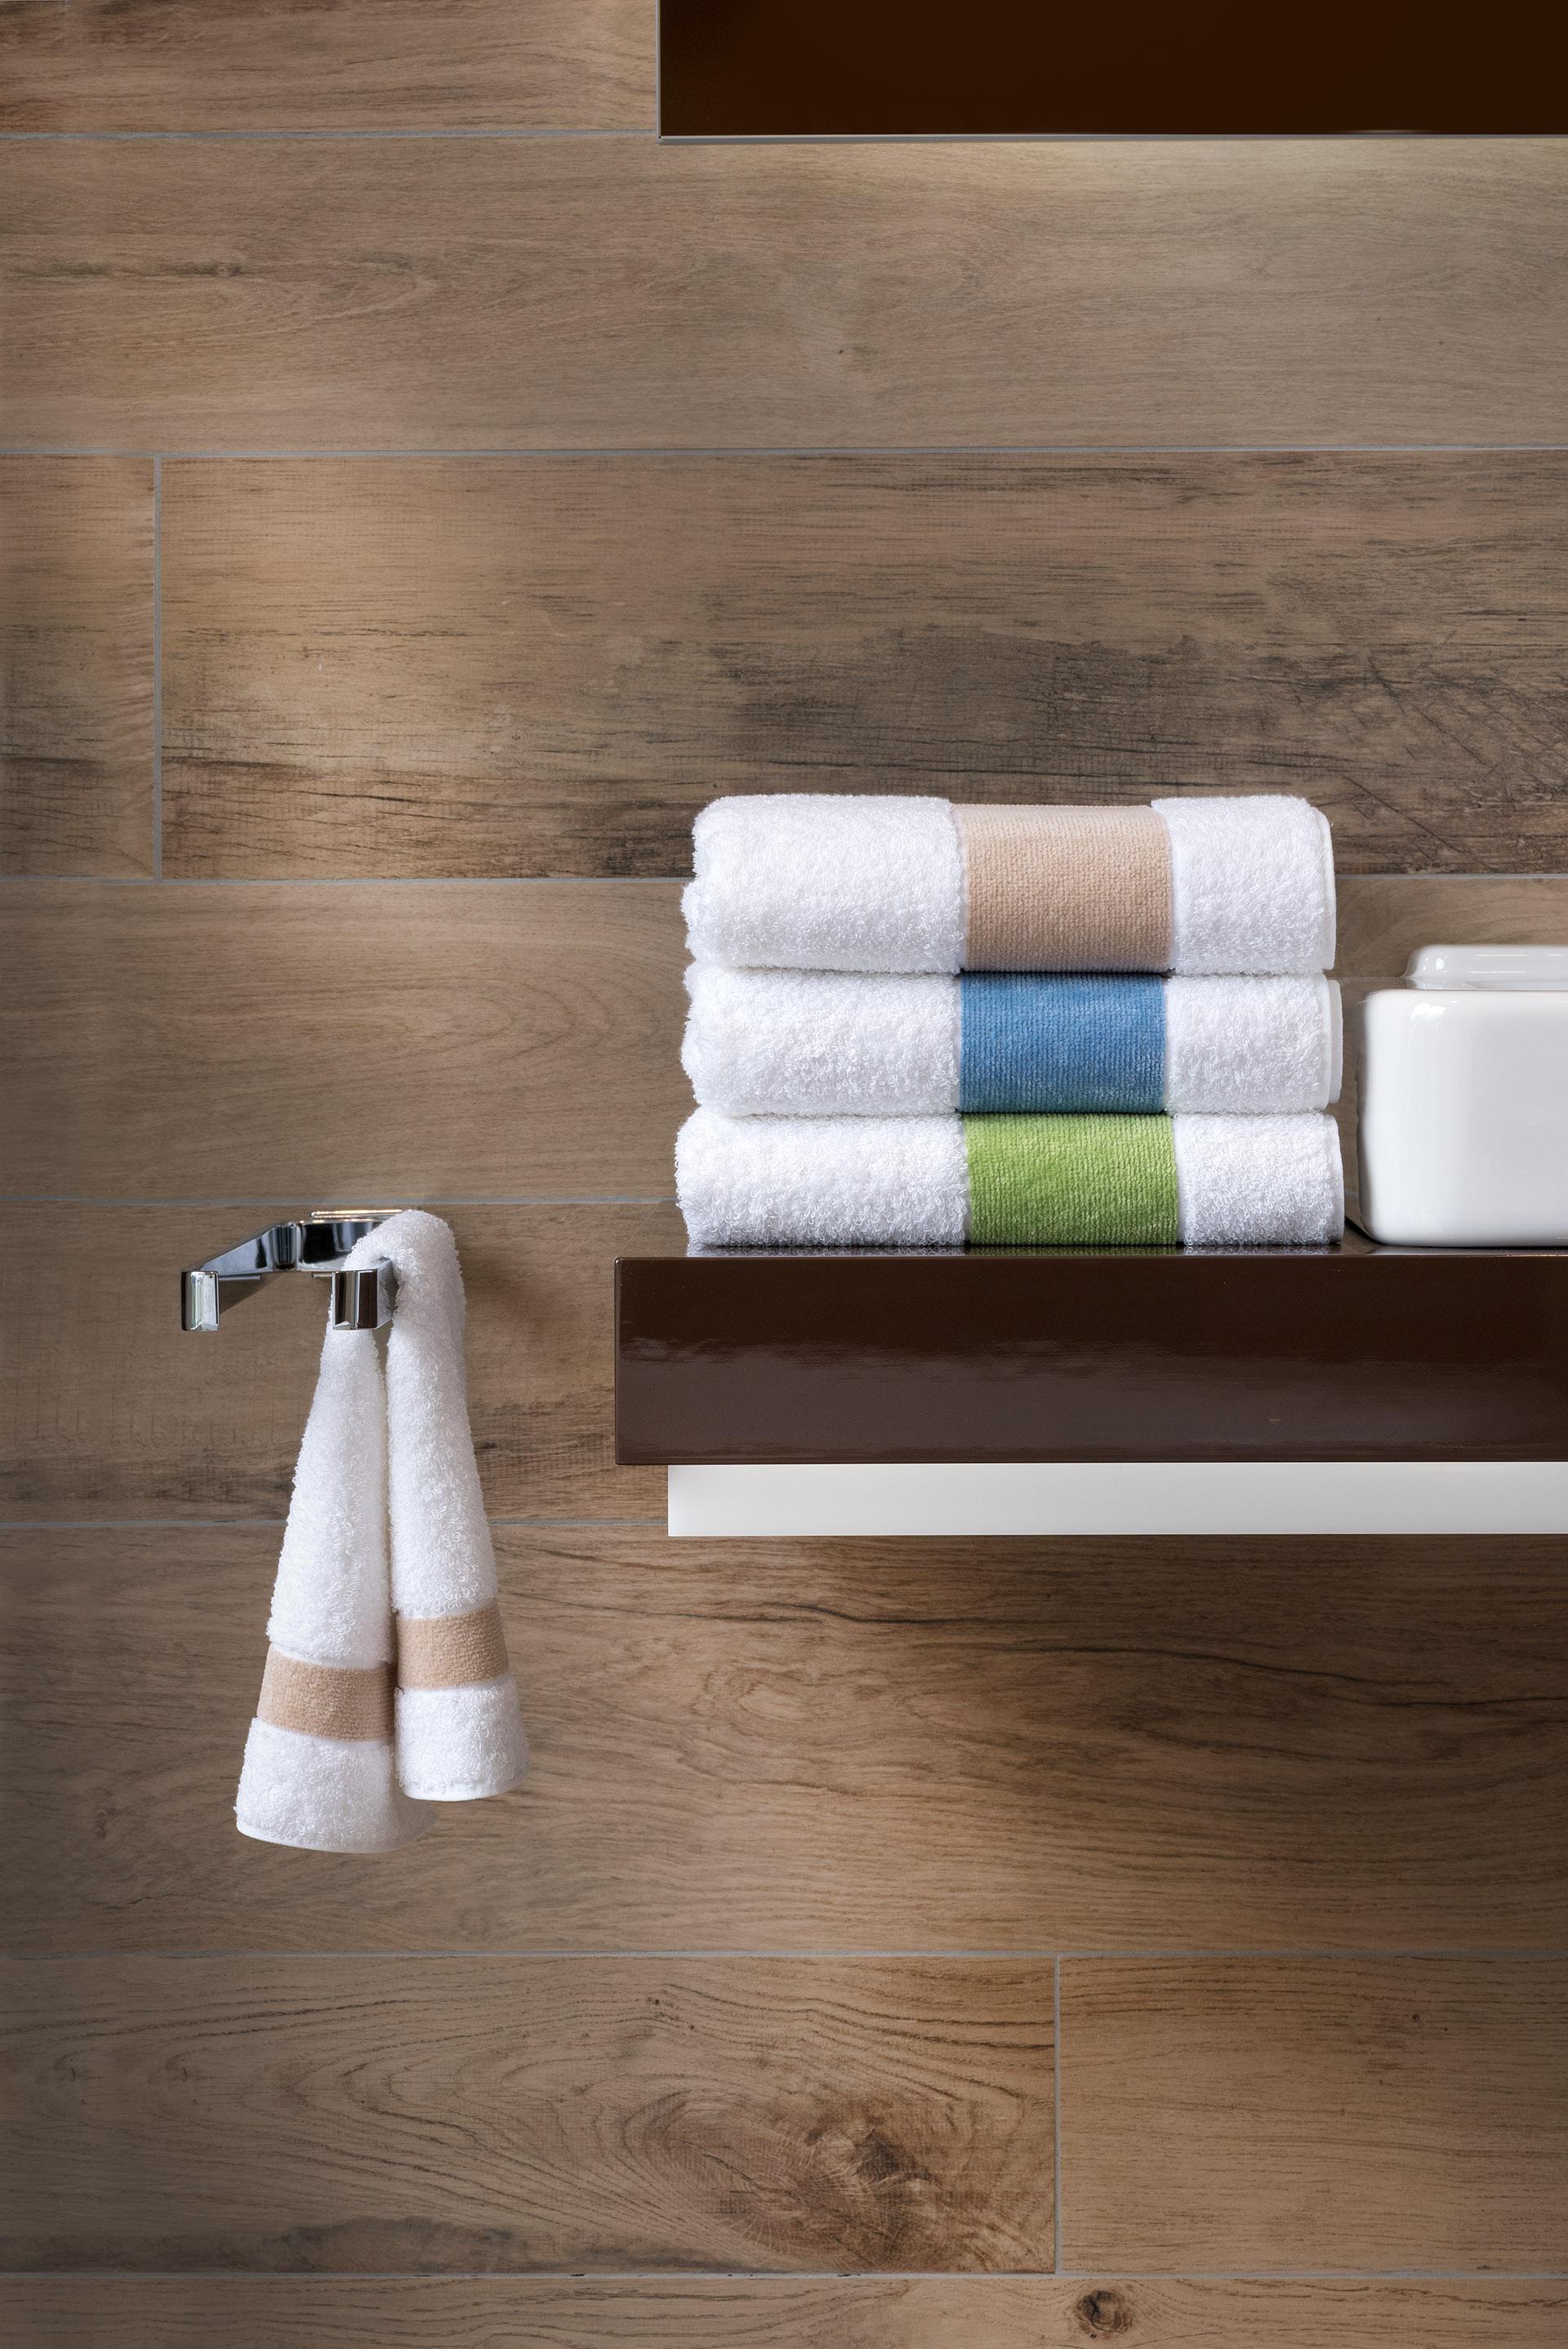 Werbefotografie bunte Handtücher der Serie Exclusiv by Feiler Frottier und Chenille gestapelt neben Waschbecken. Feigefotodesign